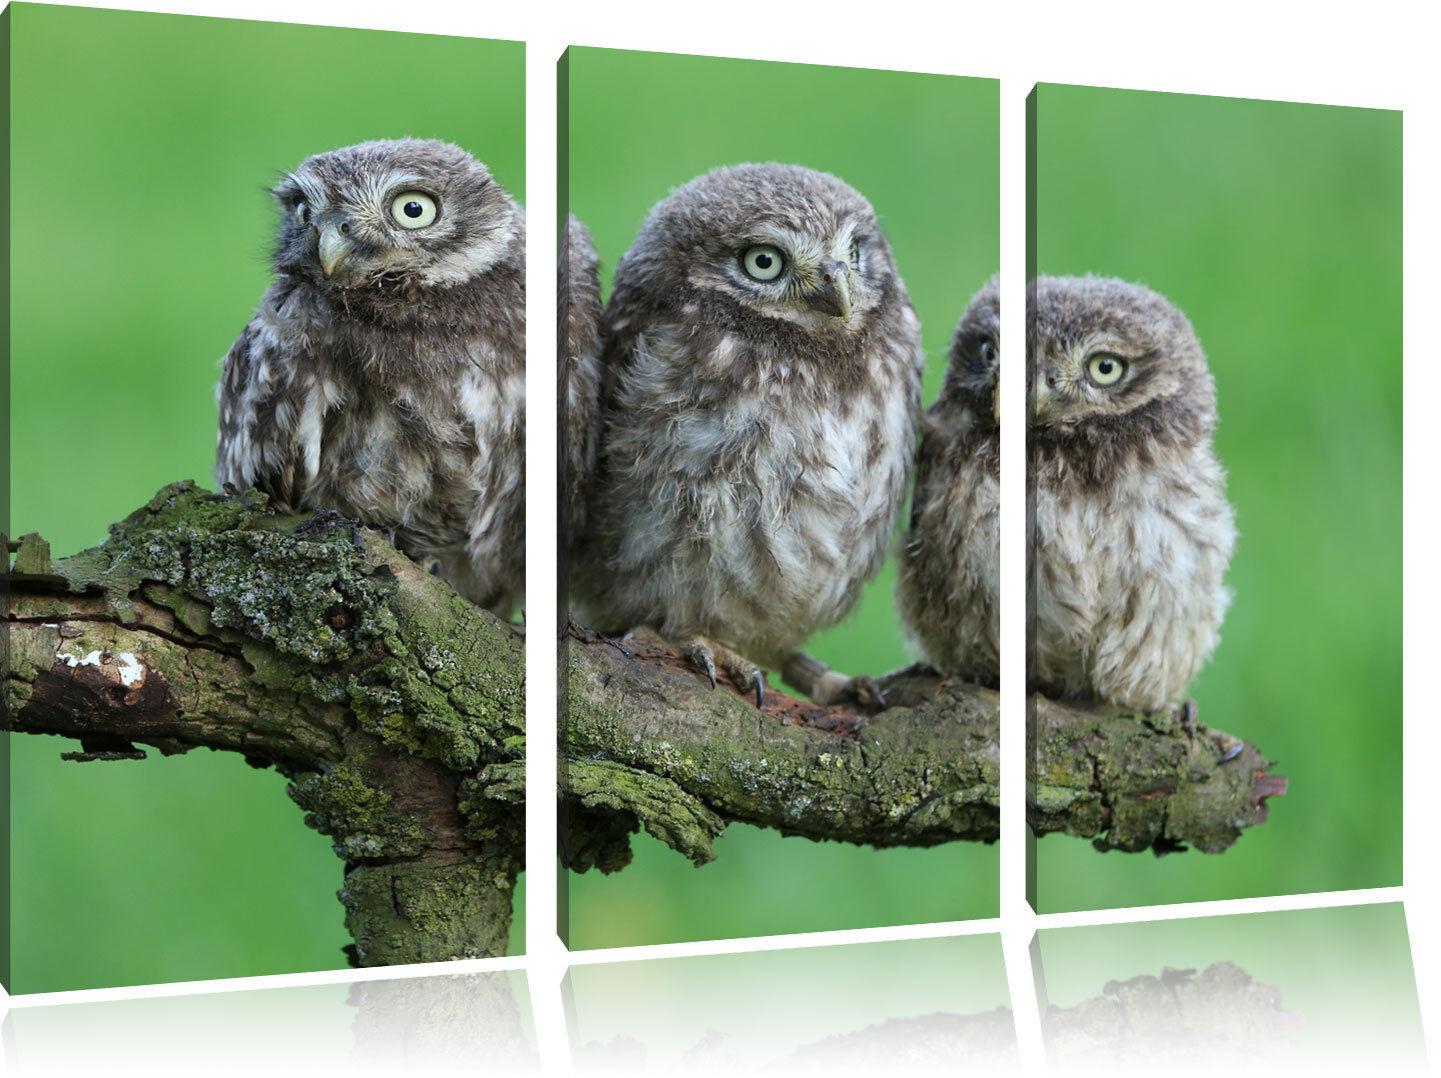 Tre Tre Tre GUFI SU AST 3-Divisorio Tela Decorazione stampa d'arte f263c6